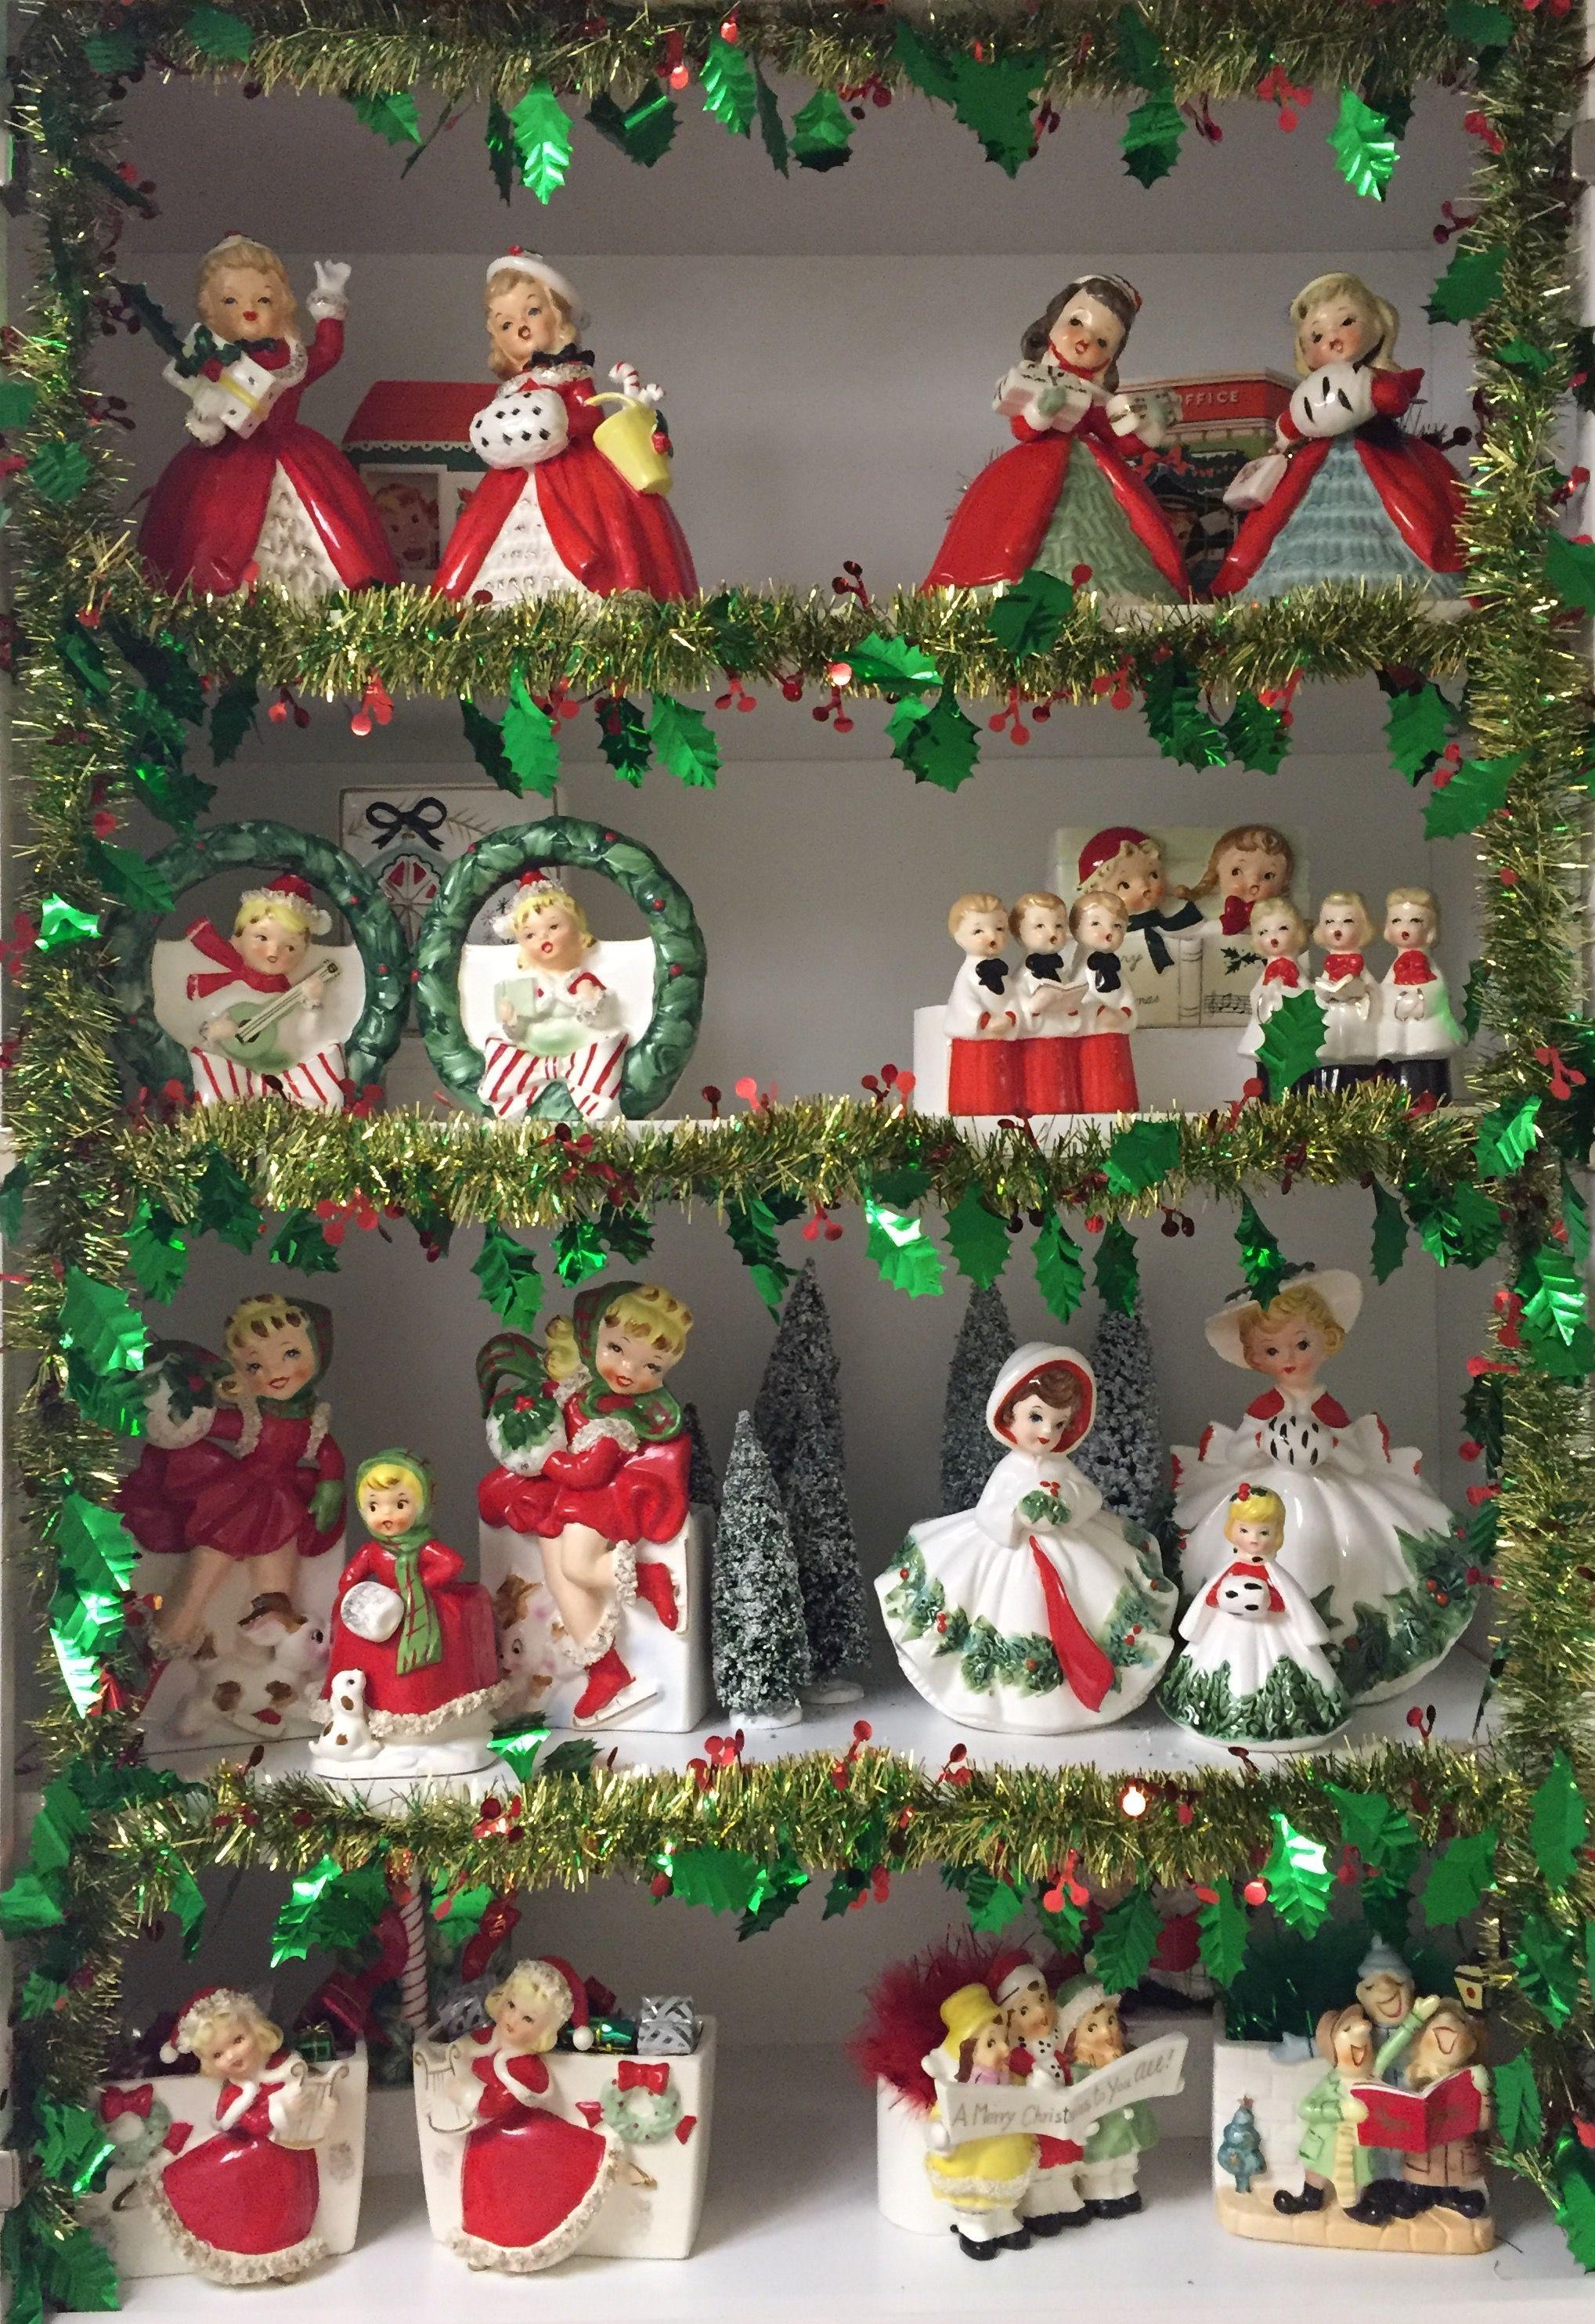 Tabletop Christmas Decoration Christmas Skiing Mouse Waving Figurine